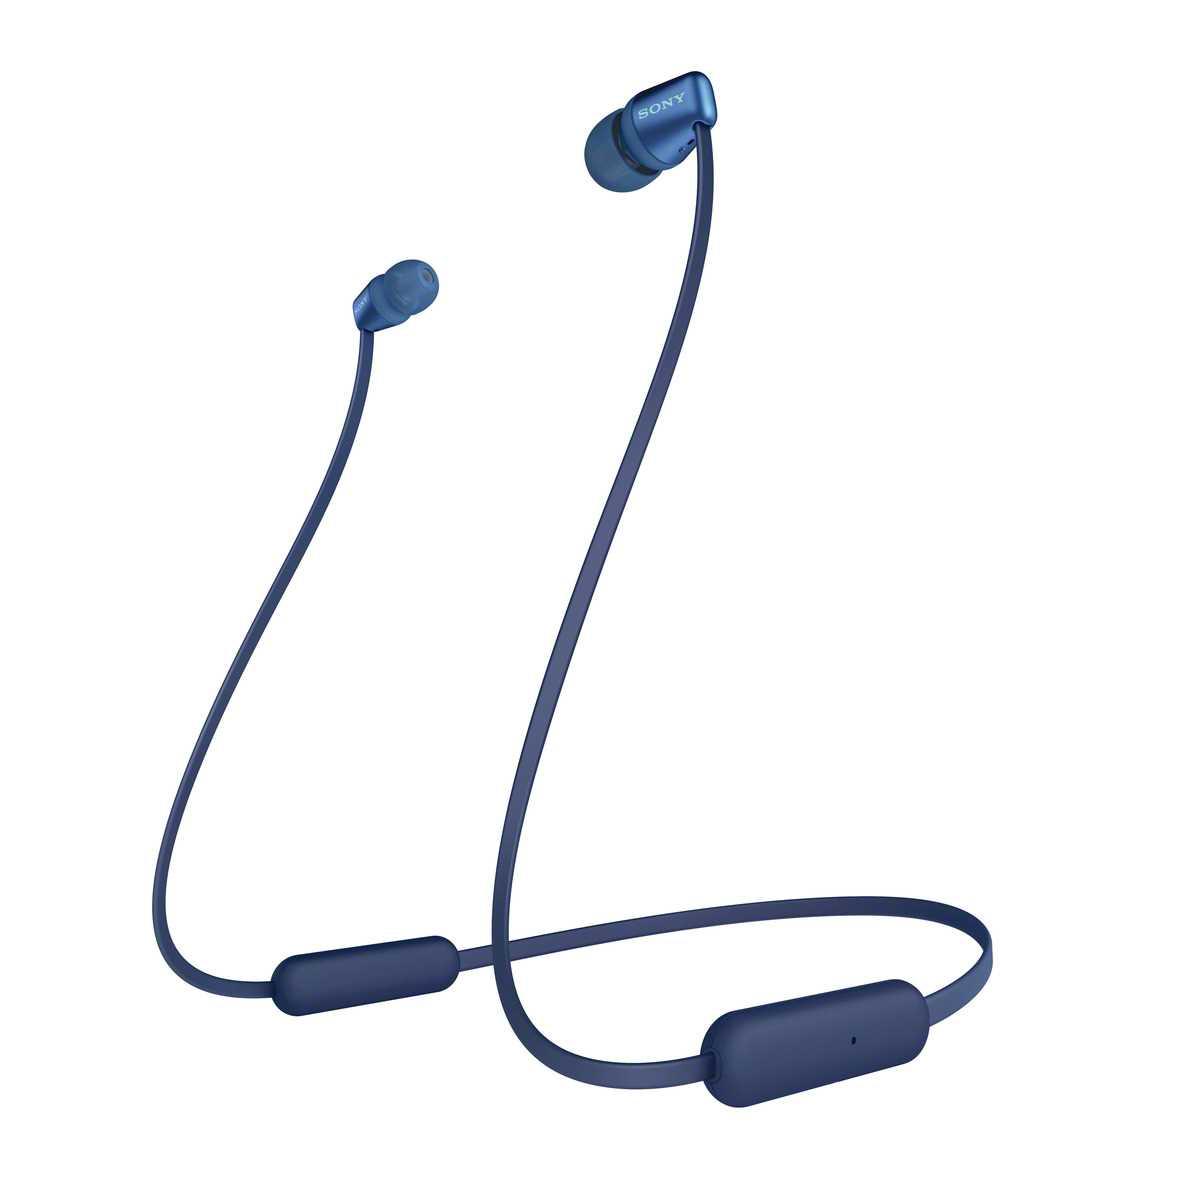 אוזניות Sony WI-C310L Bluetooth סוני - תמונה 1